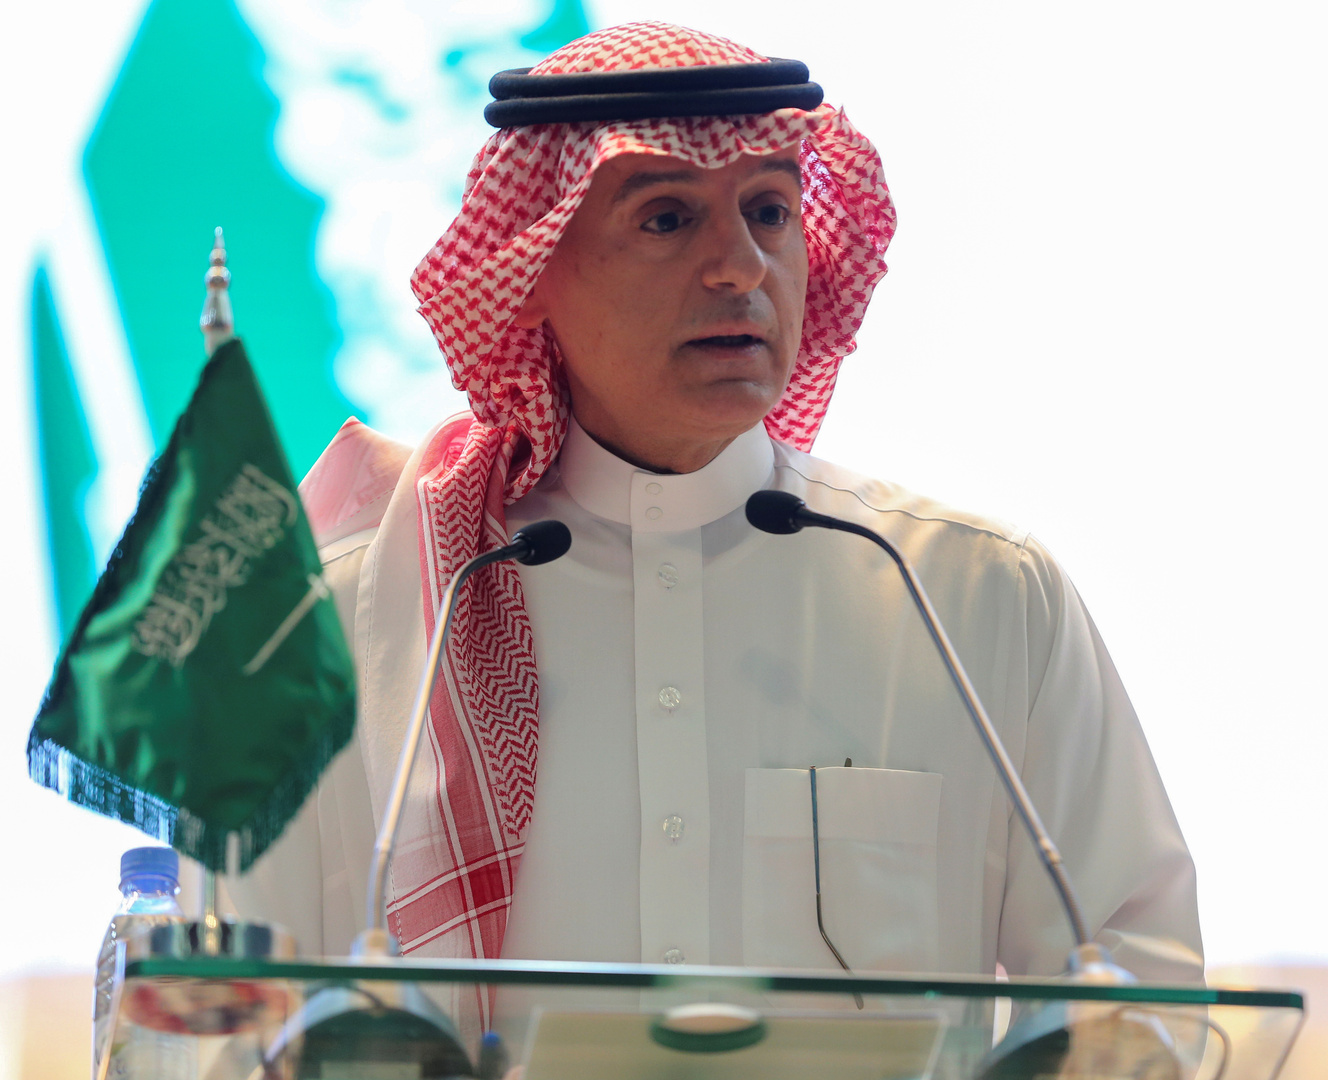 الجبير: القمة الخليجية انطلاقة جديدة نصون فيها البيت الخليجي من المهددات الخارجية